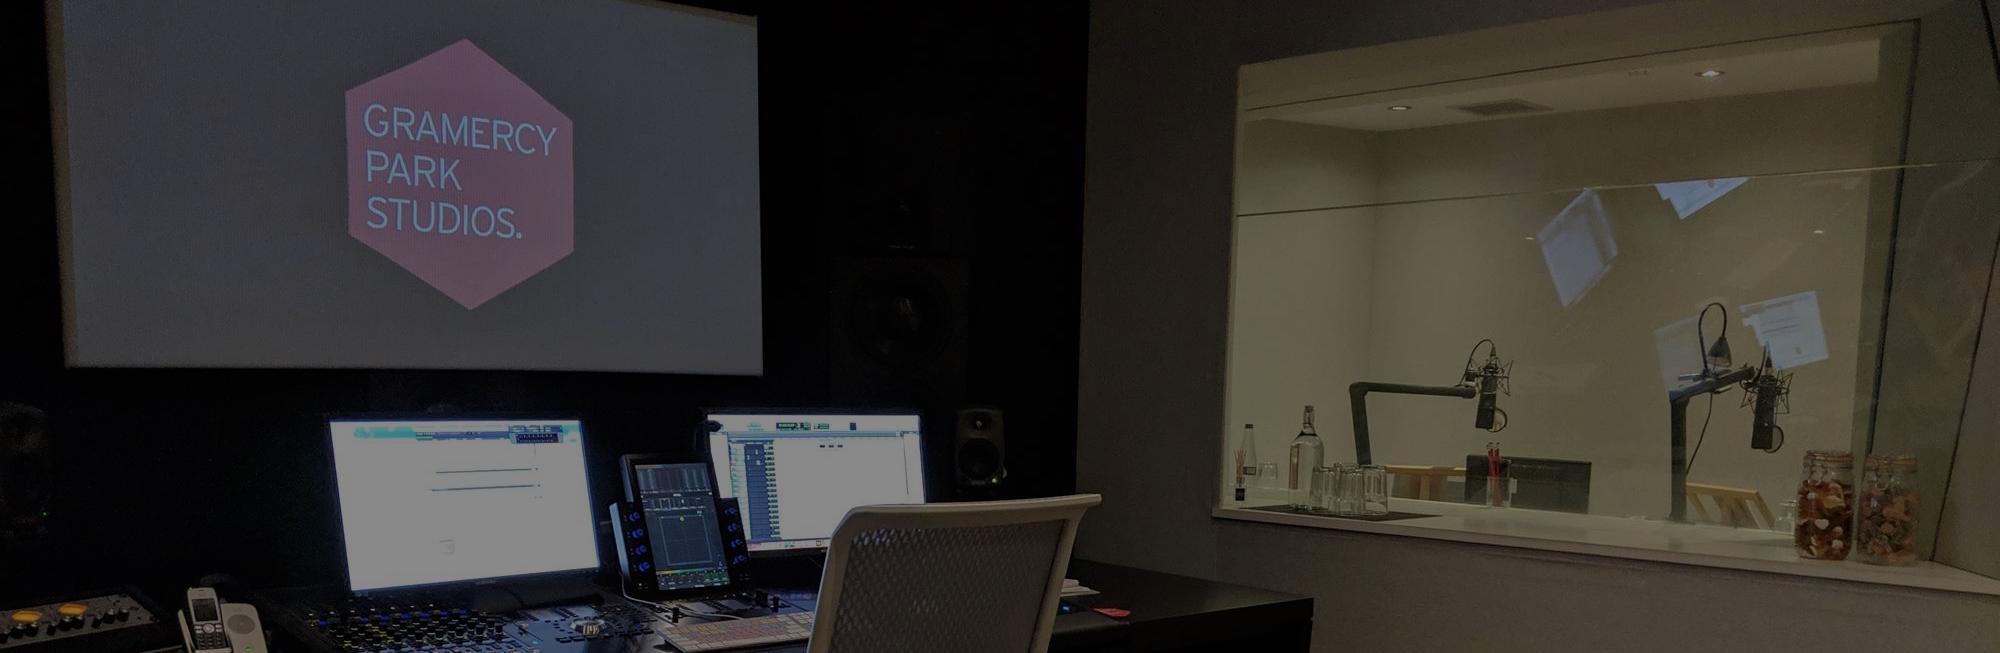 Gramercy Park Studios' Alex Hing talks ftrack